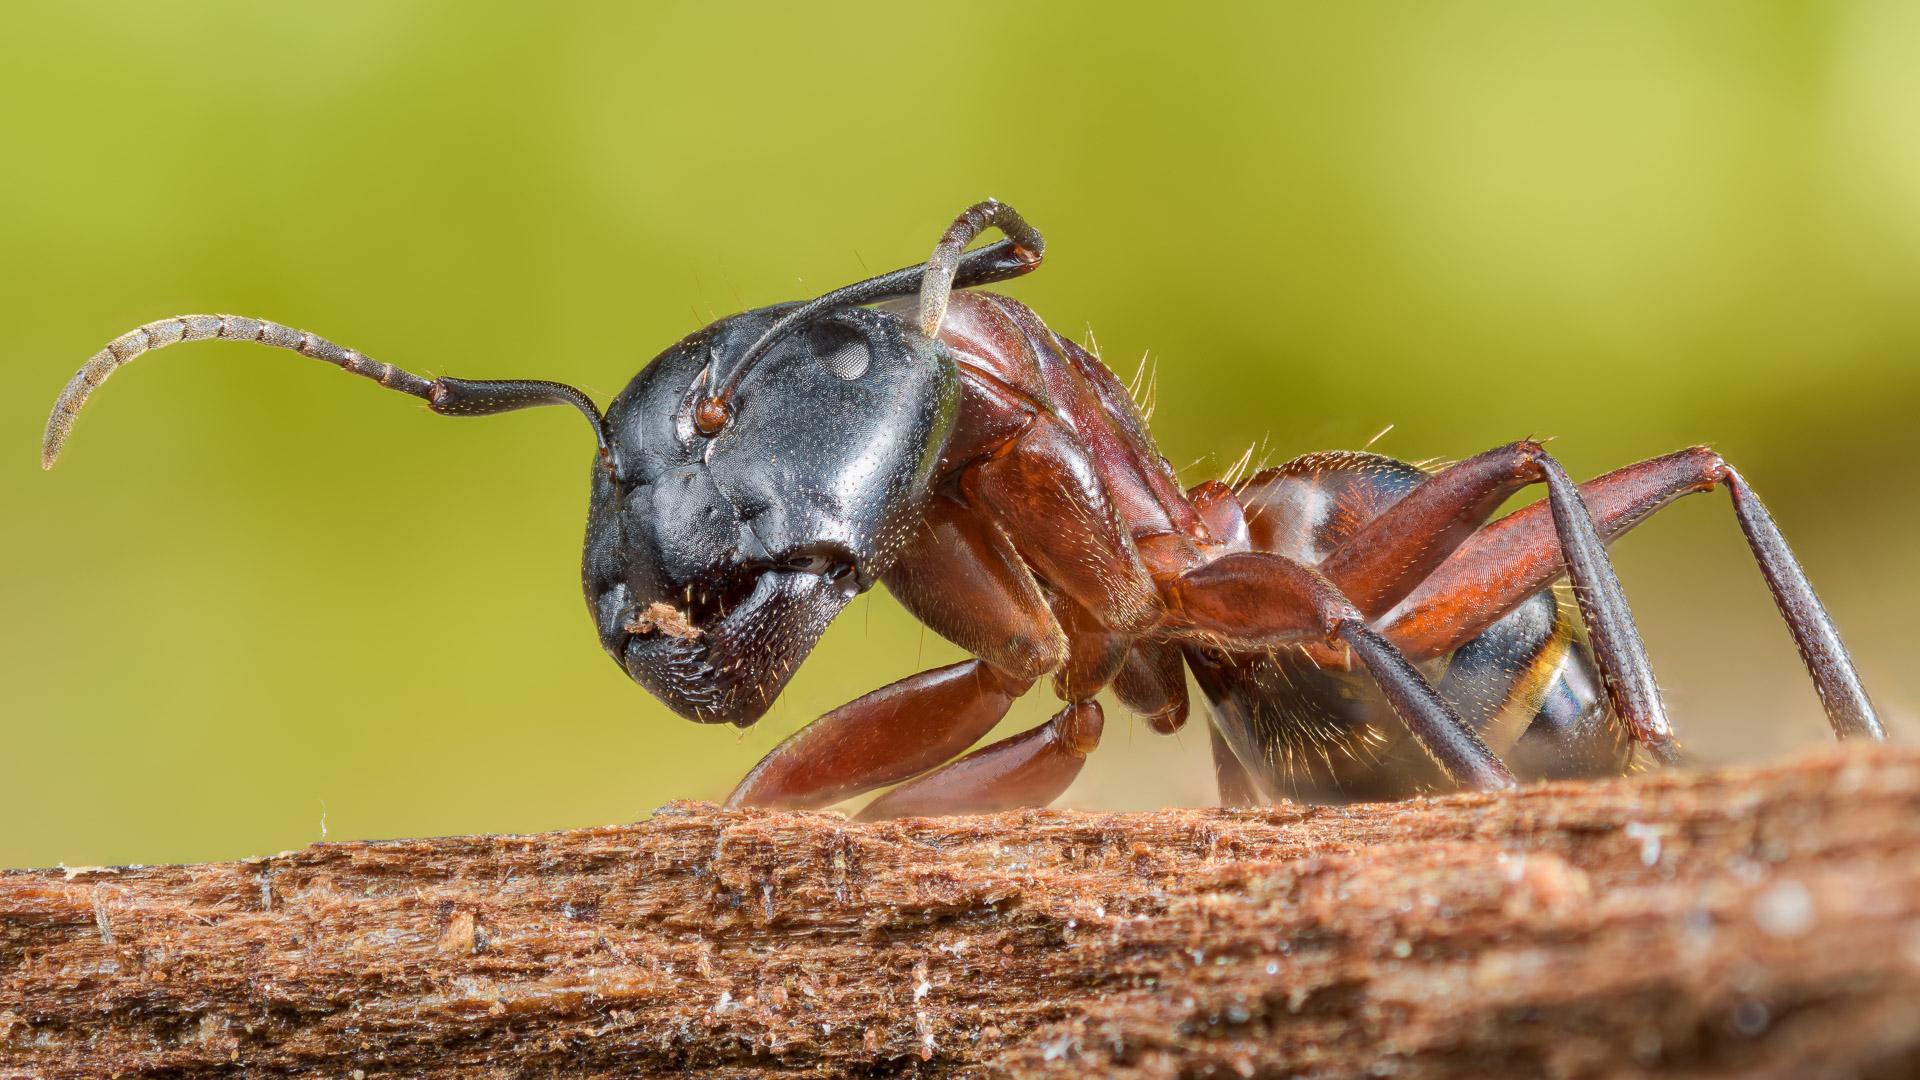 Focus Stack einer Braunschwarzen Rossameise (Camponotus ligniperda)Kamera: NIKON D810 Brennweite: 58mm 1/200 s bei Blende f/4.5